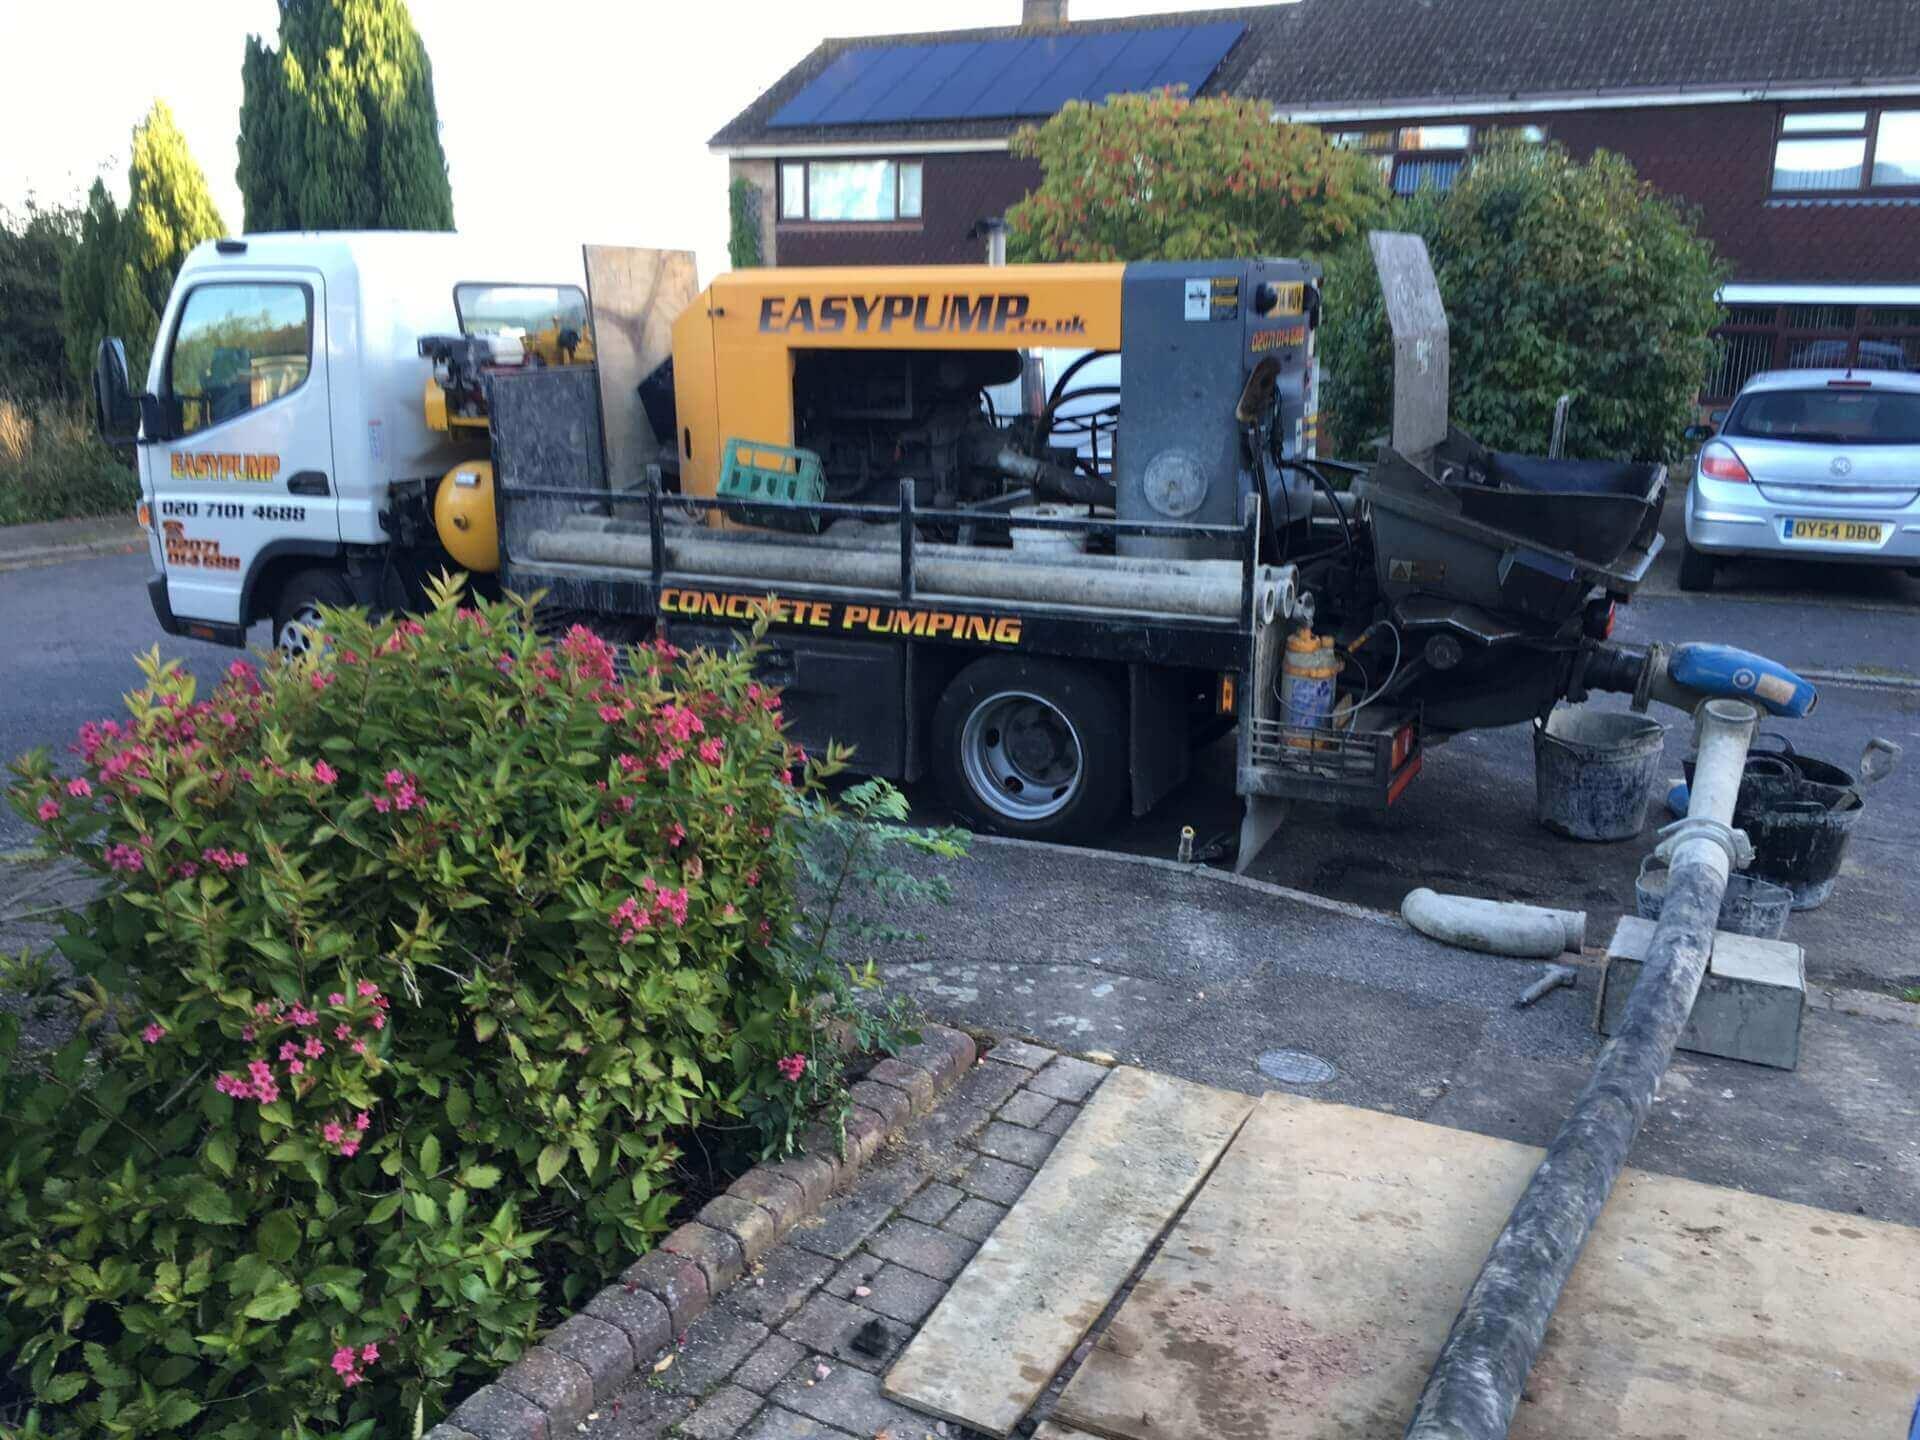 Concrete Pump Hire Near Me Denham